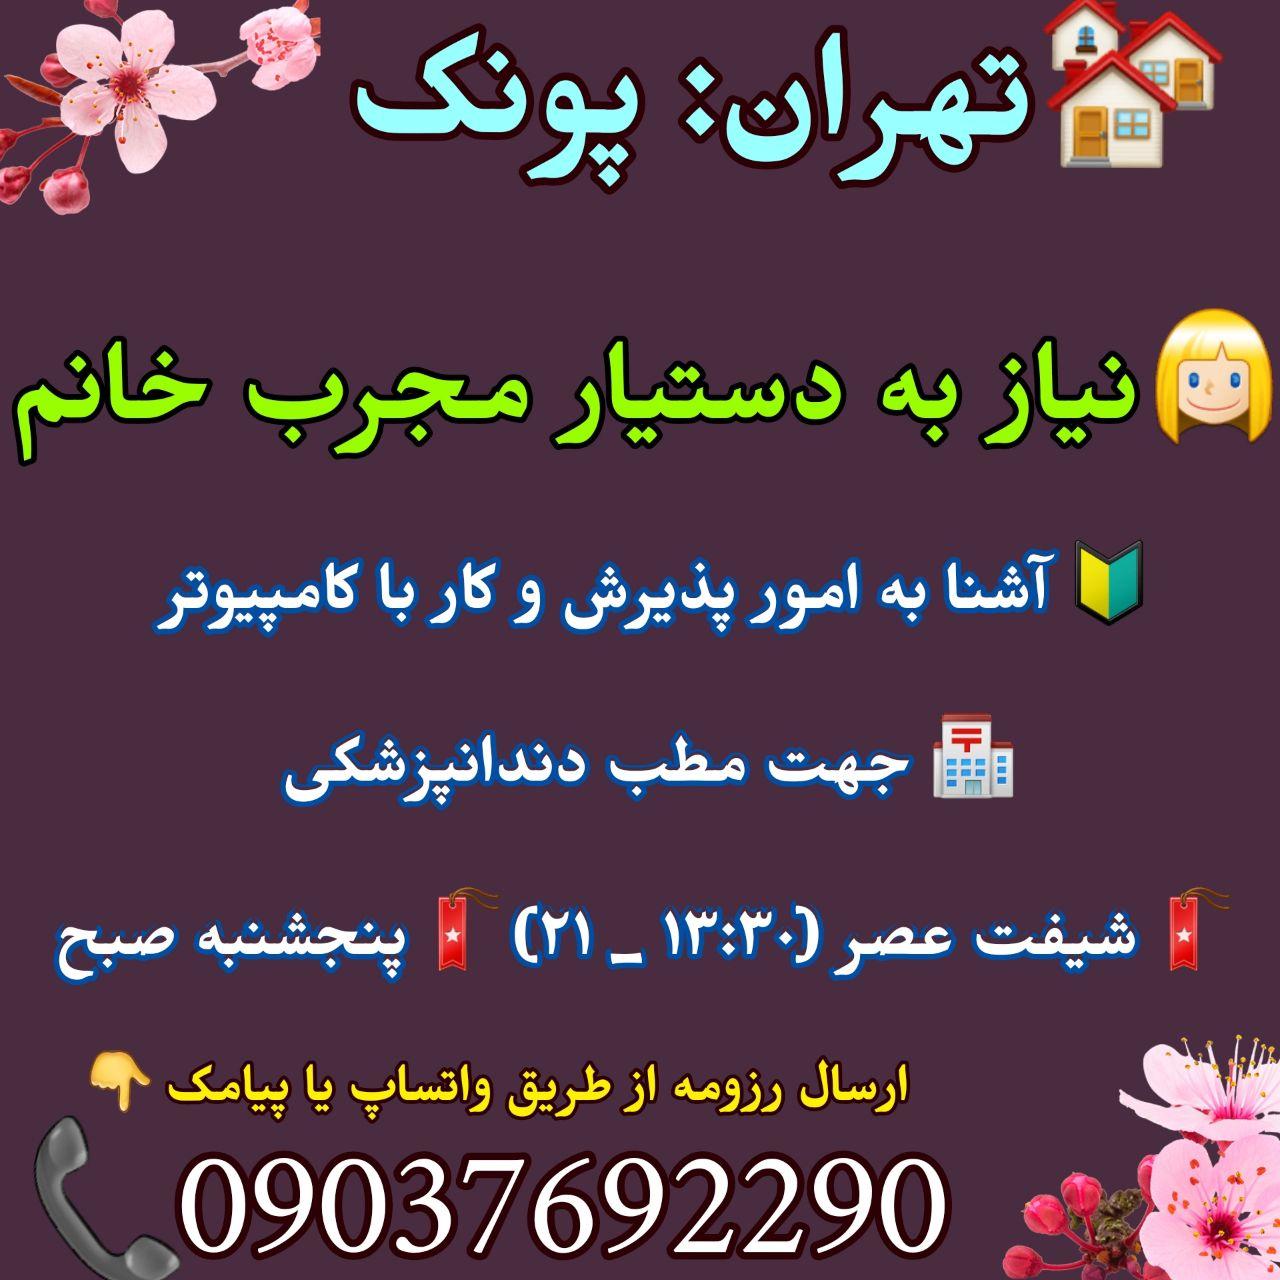 تهران: پونک، نیاز به دستیار مجرب خانم